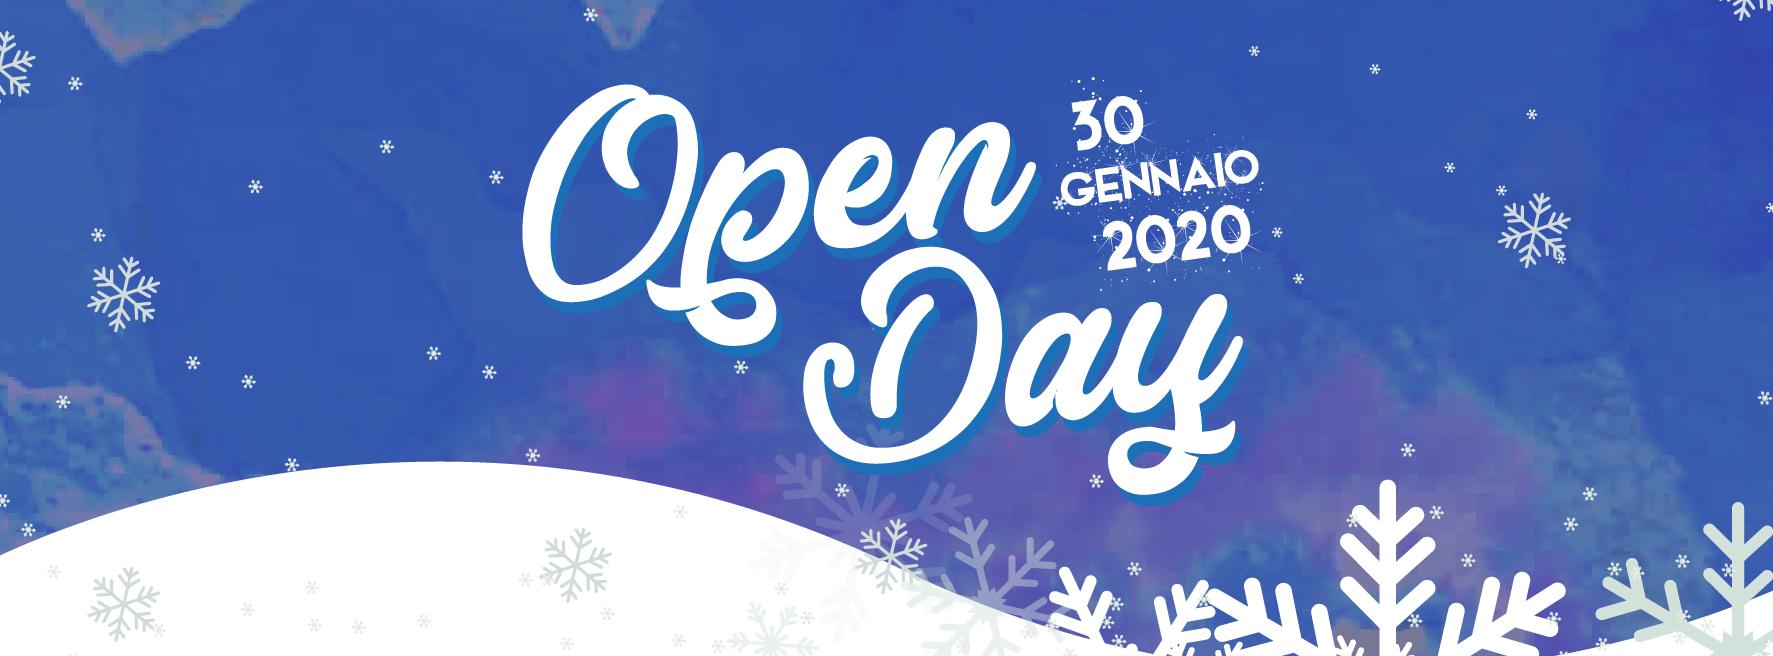 open day 30 gennaio 2020